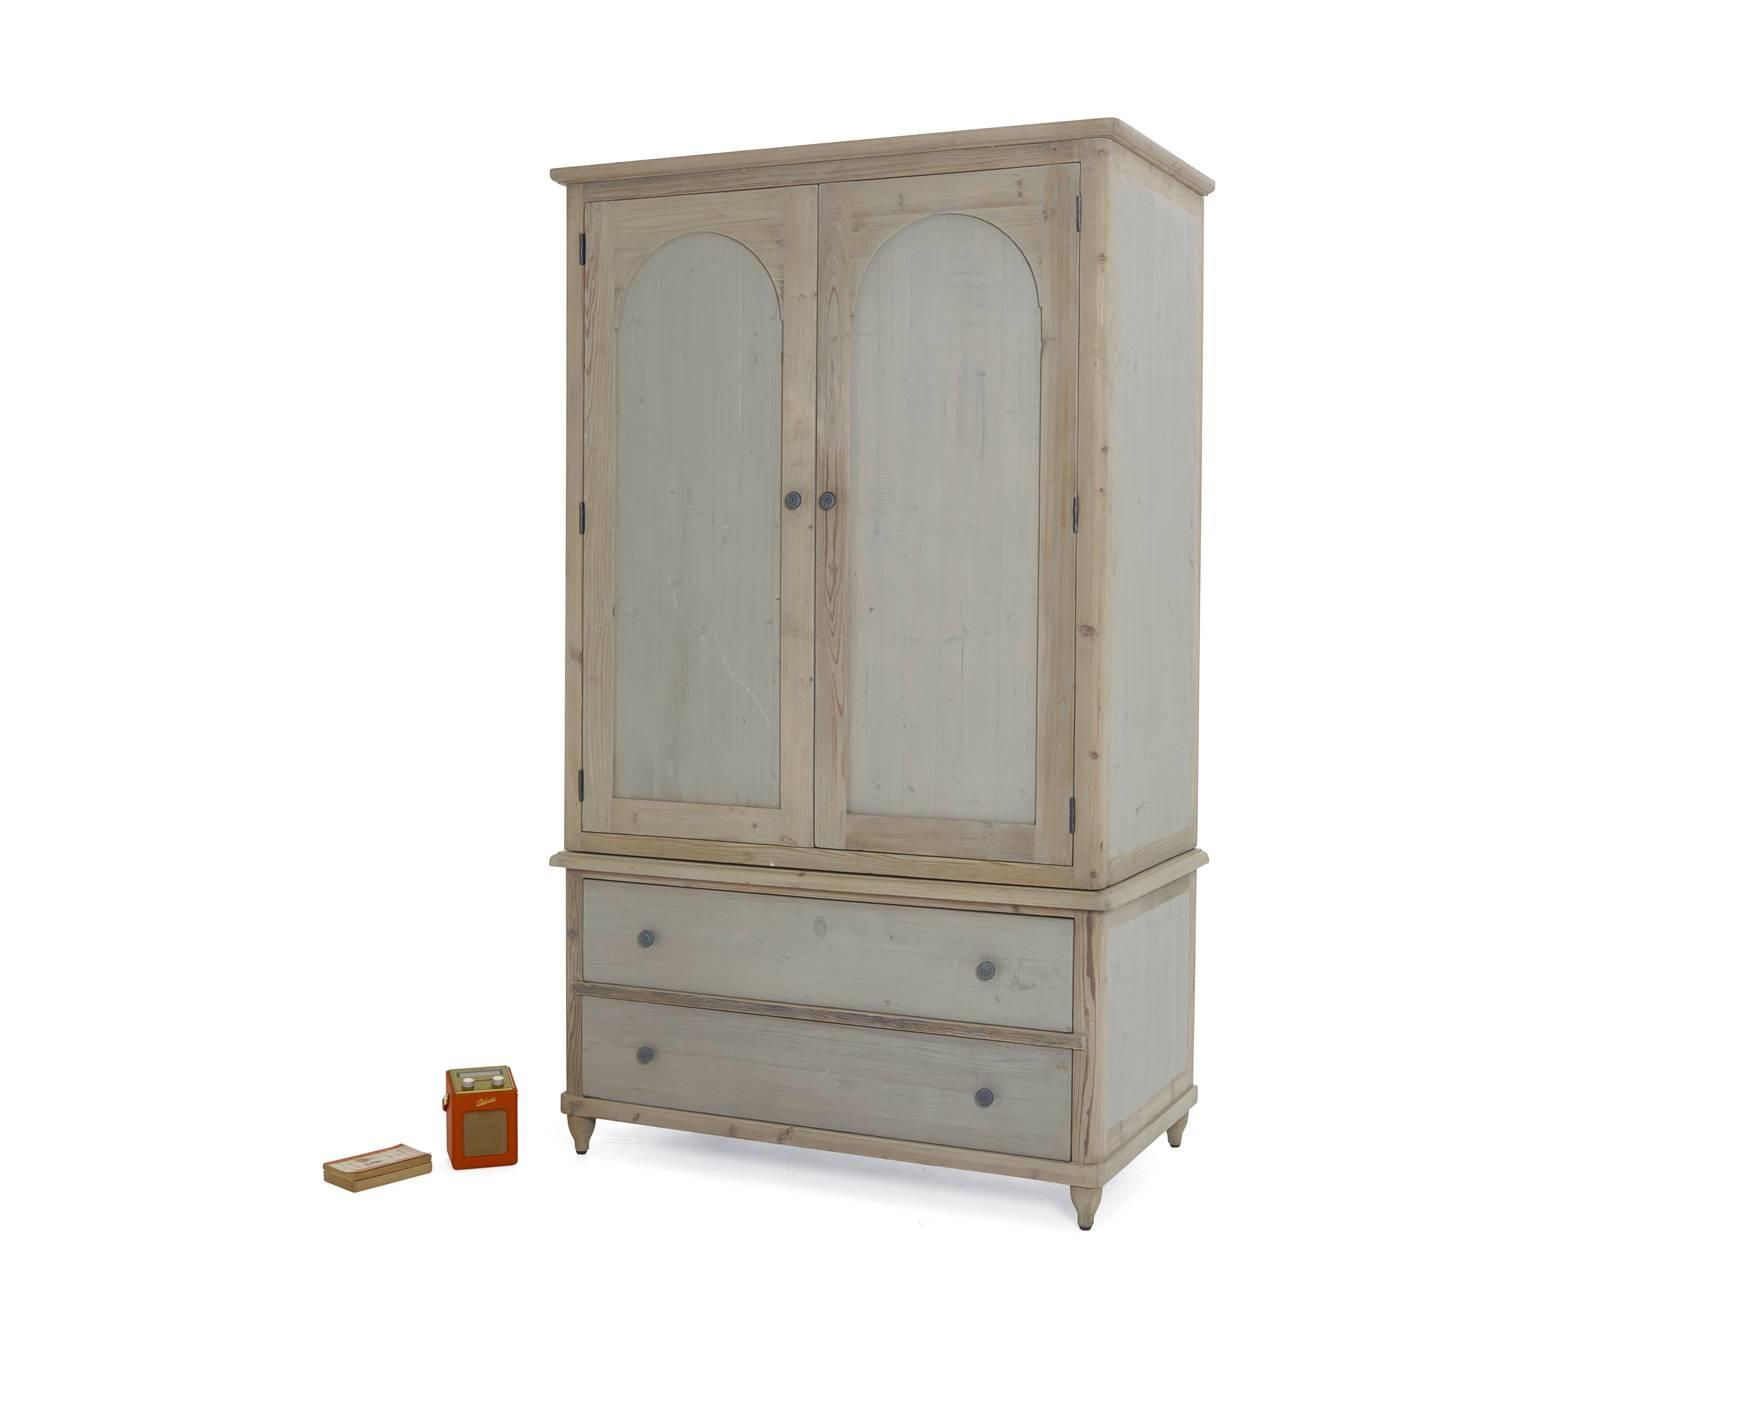 Wardrobes | Wooden Bedroom Furniture | Loaf inside Painted Wardrobes (Image 15 of 15)